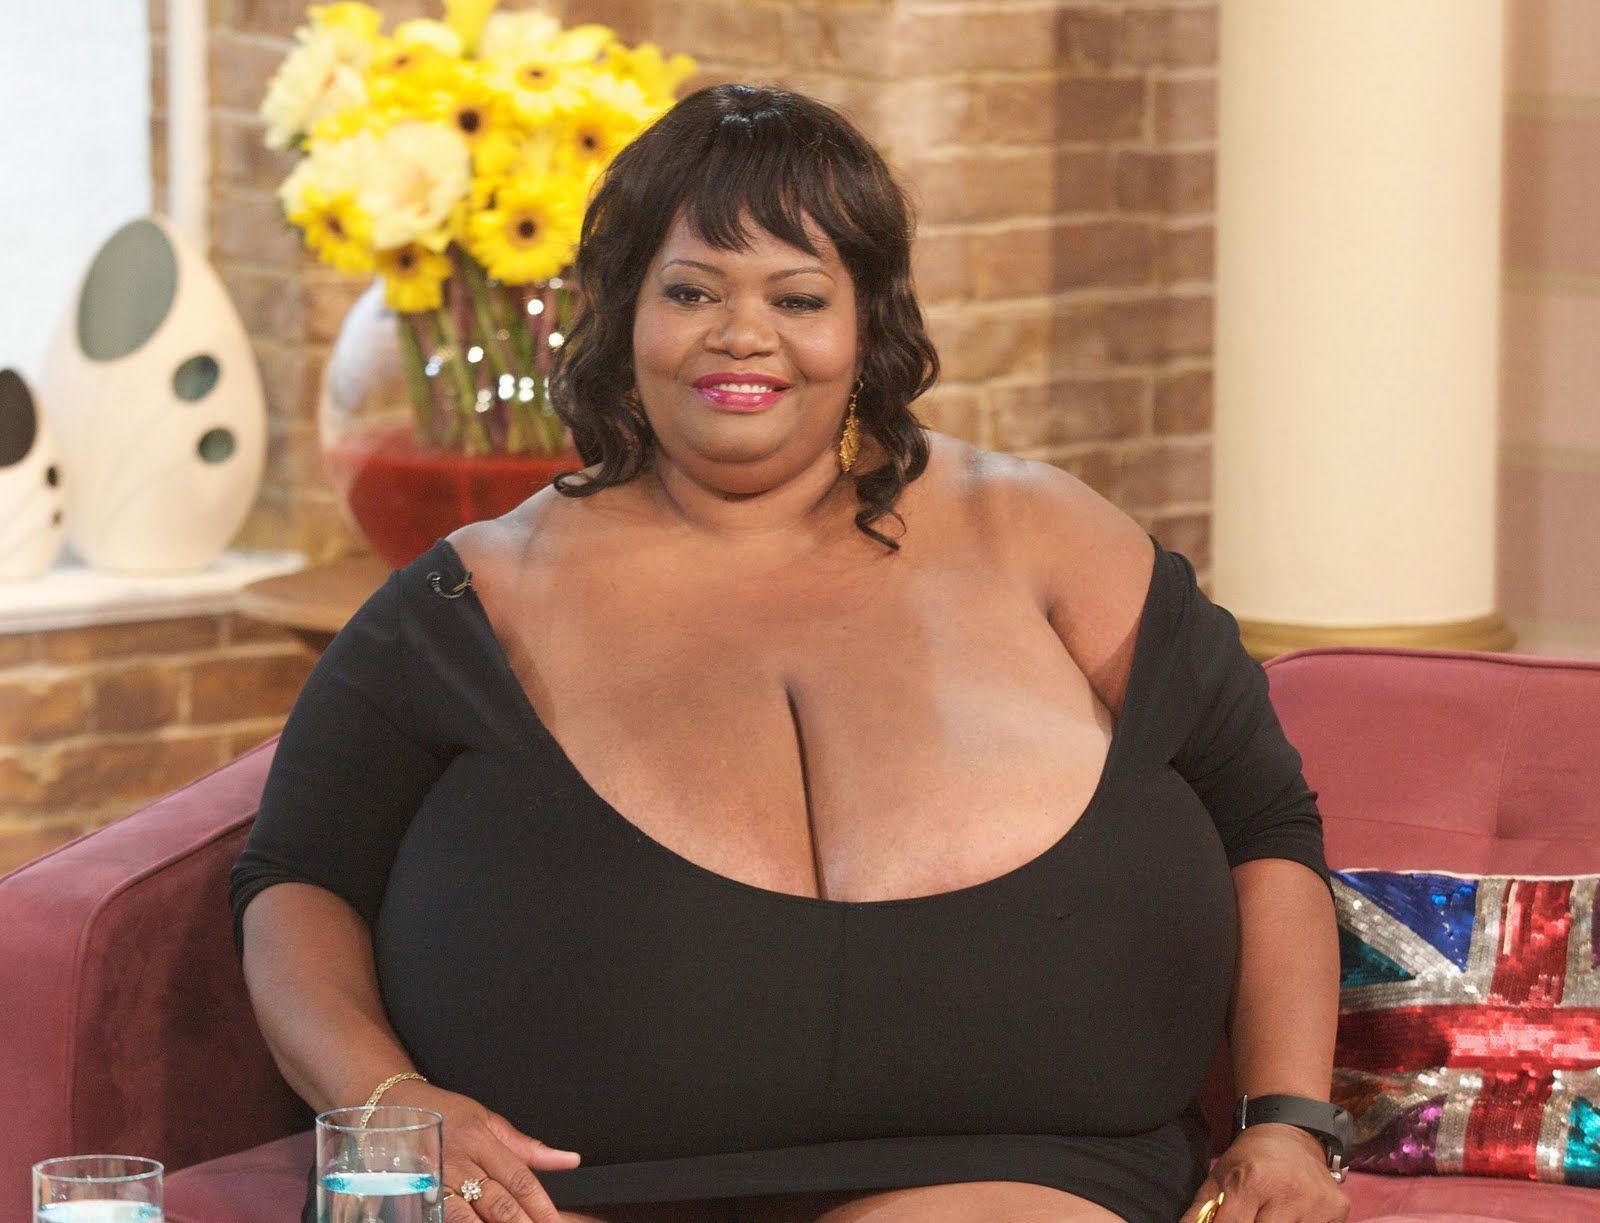 Самая большая грудь в попа, Большие сиськи, большая грудь и дойки смотреть 16 фотография